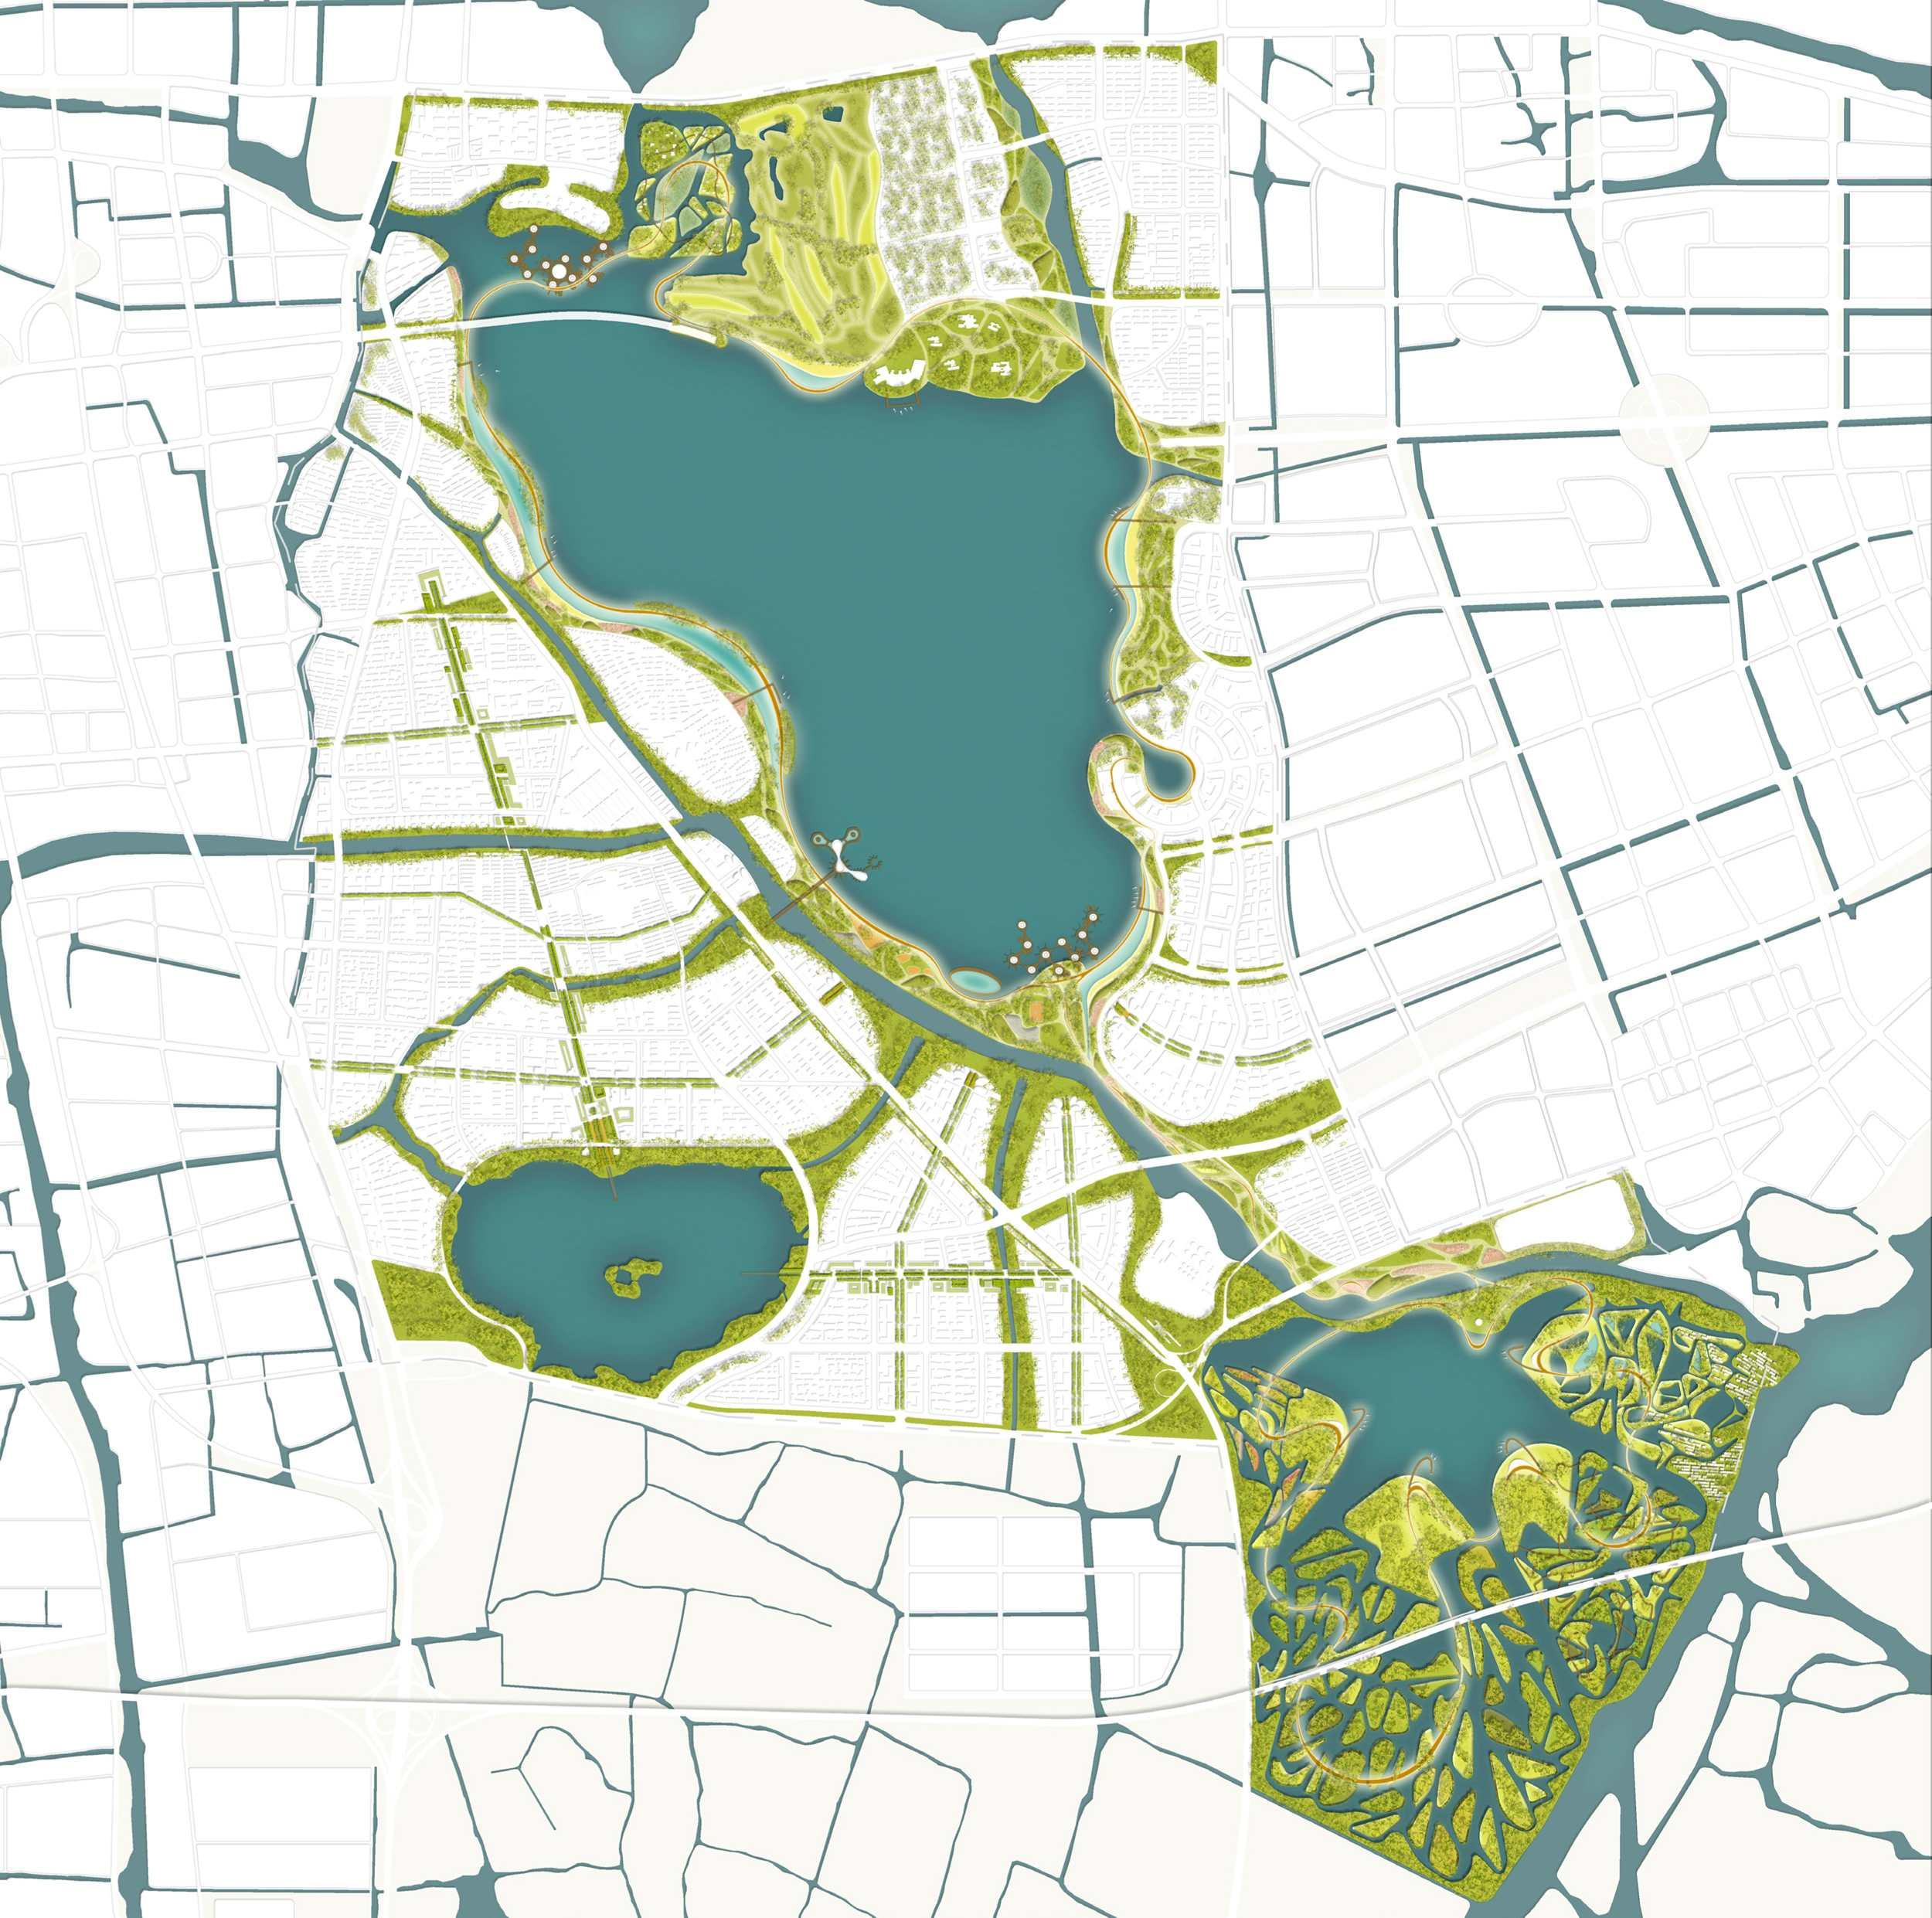 6-1-5_LOC_Landschaftsstruktur 500kb.jpg